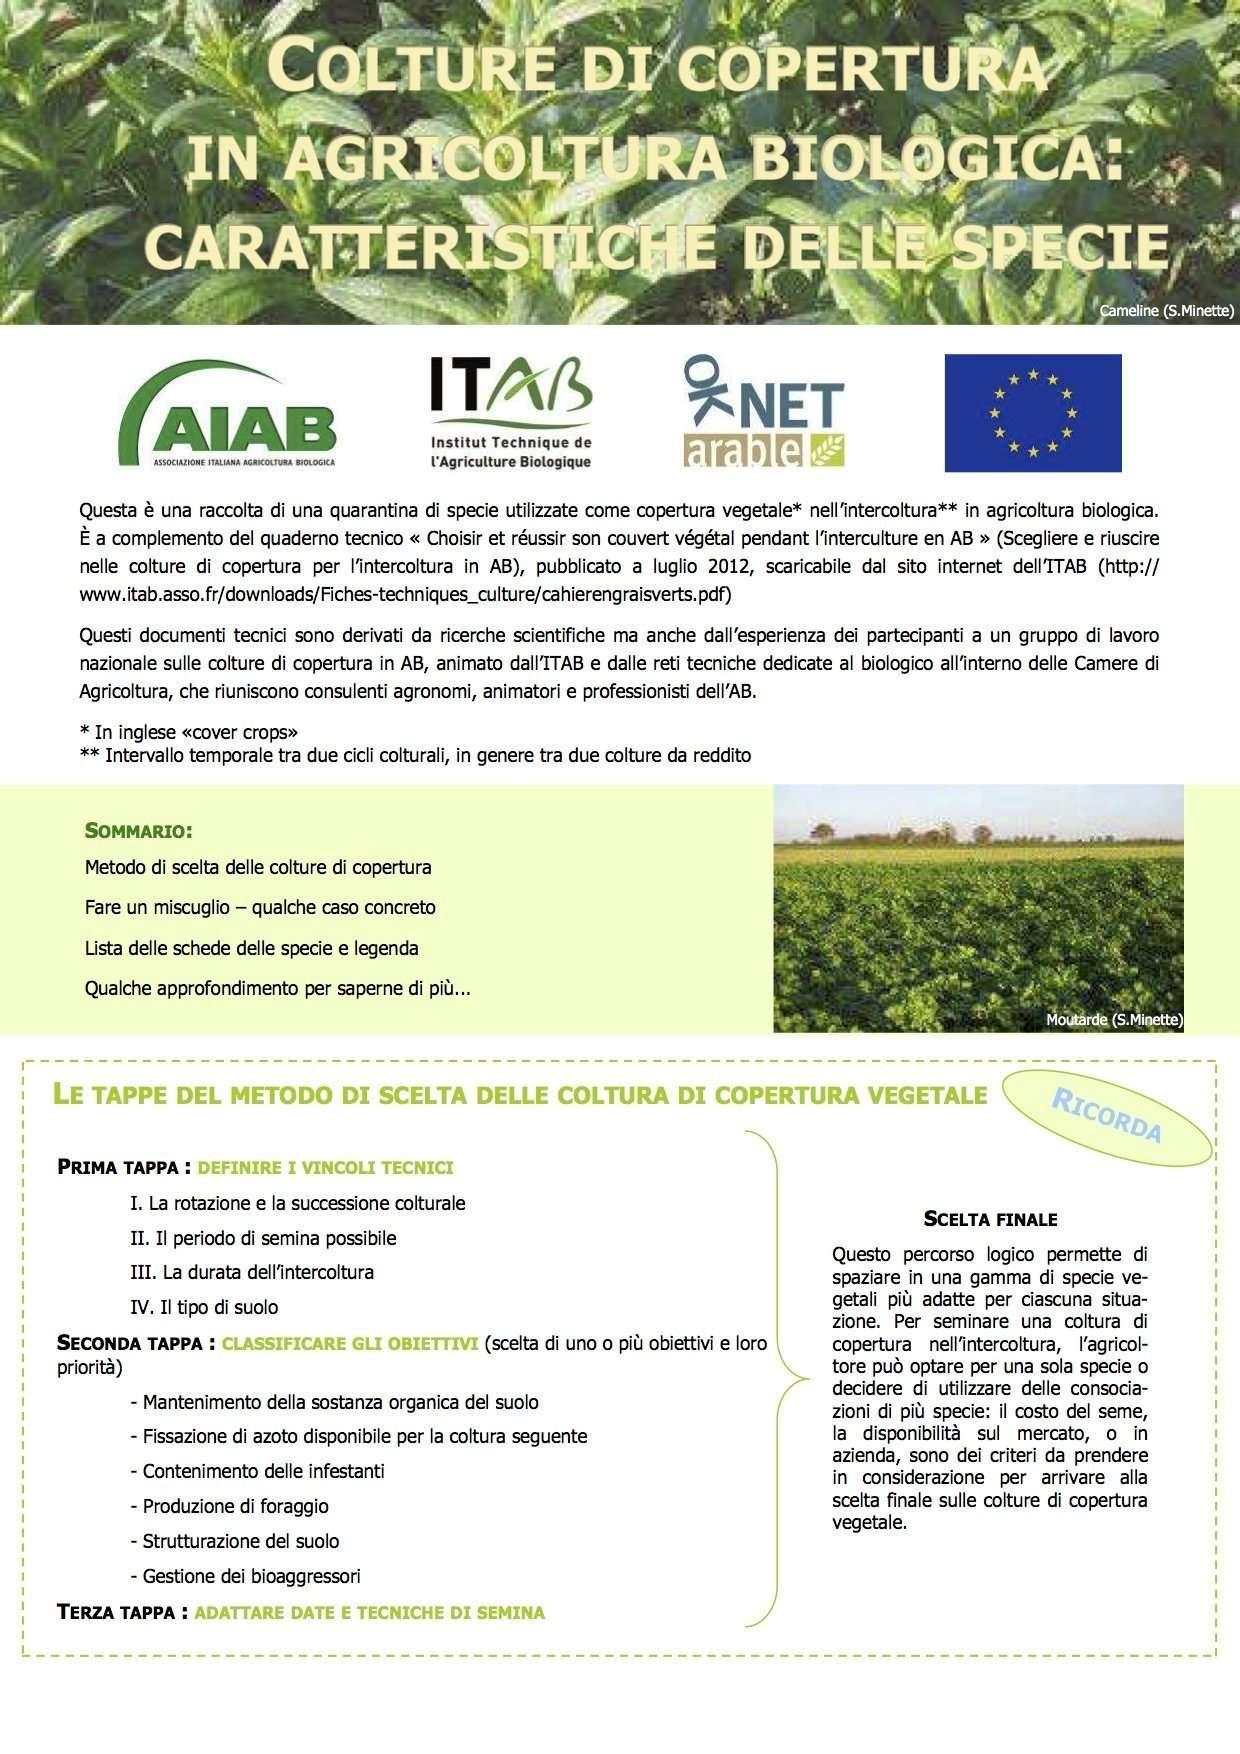 Colture di copertura in agricoltura biologica